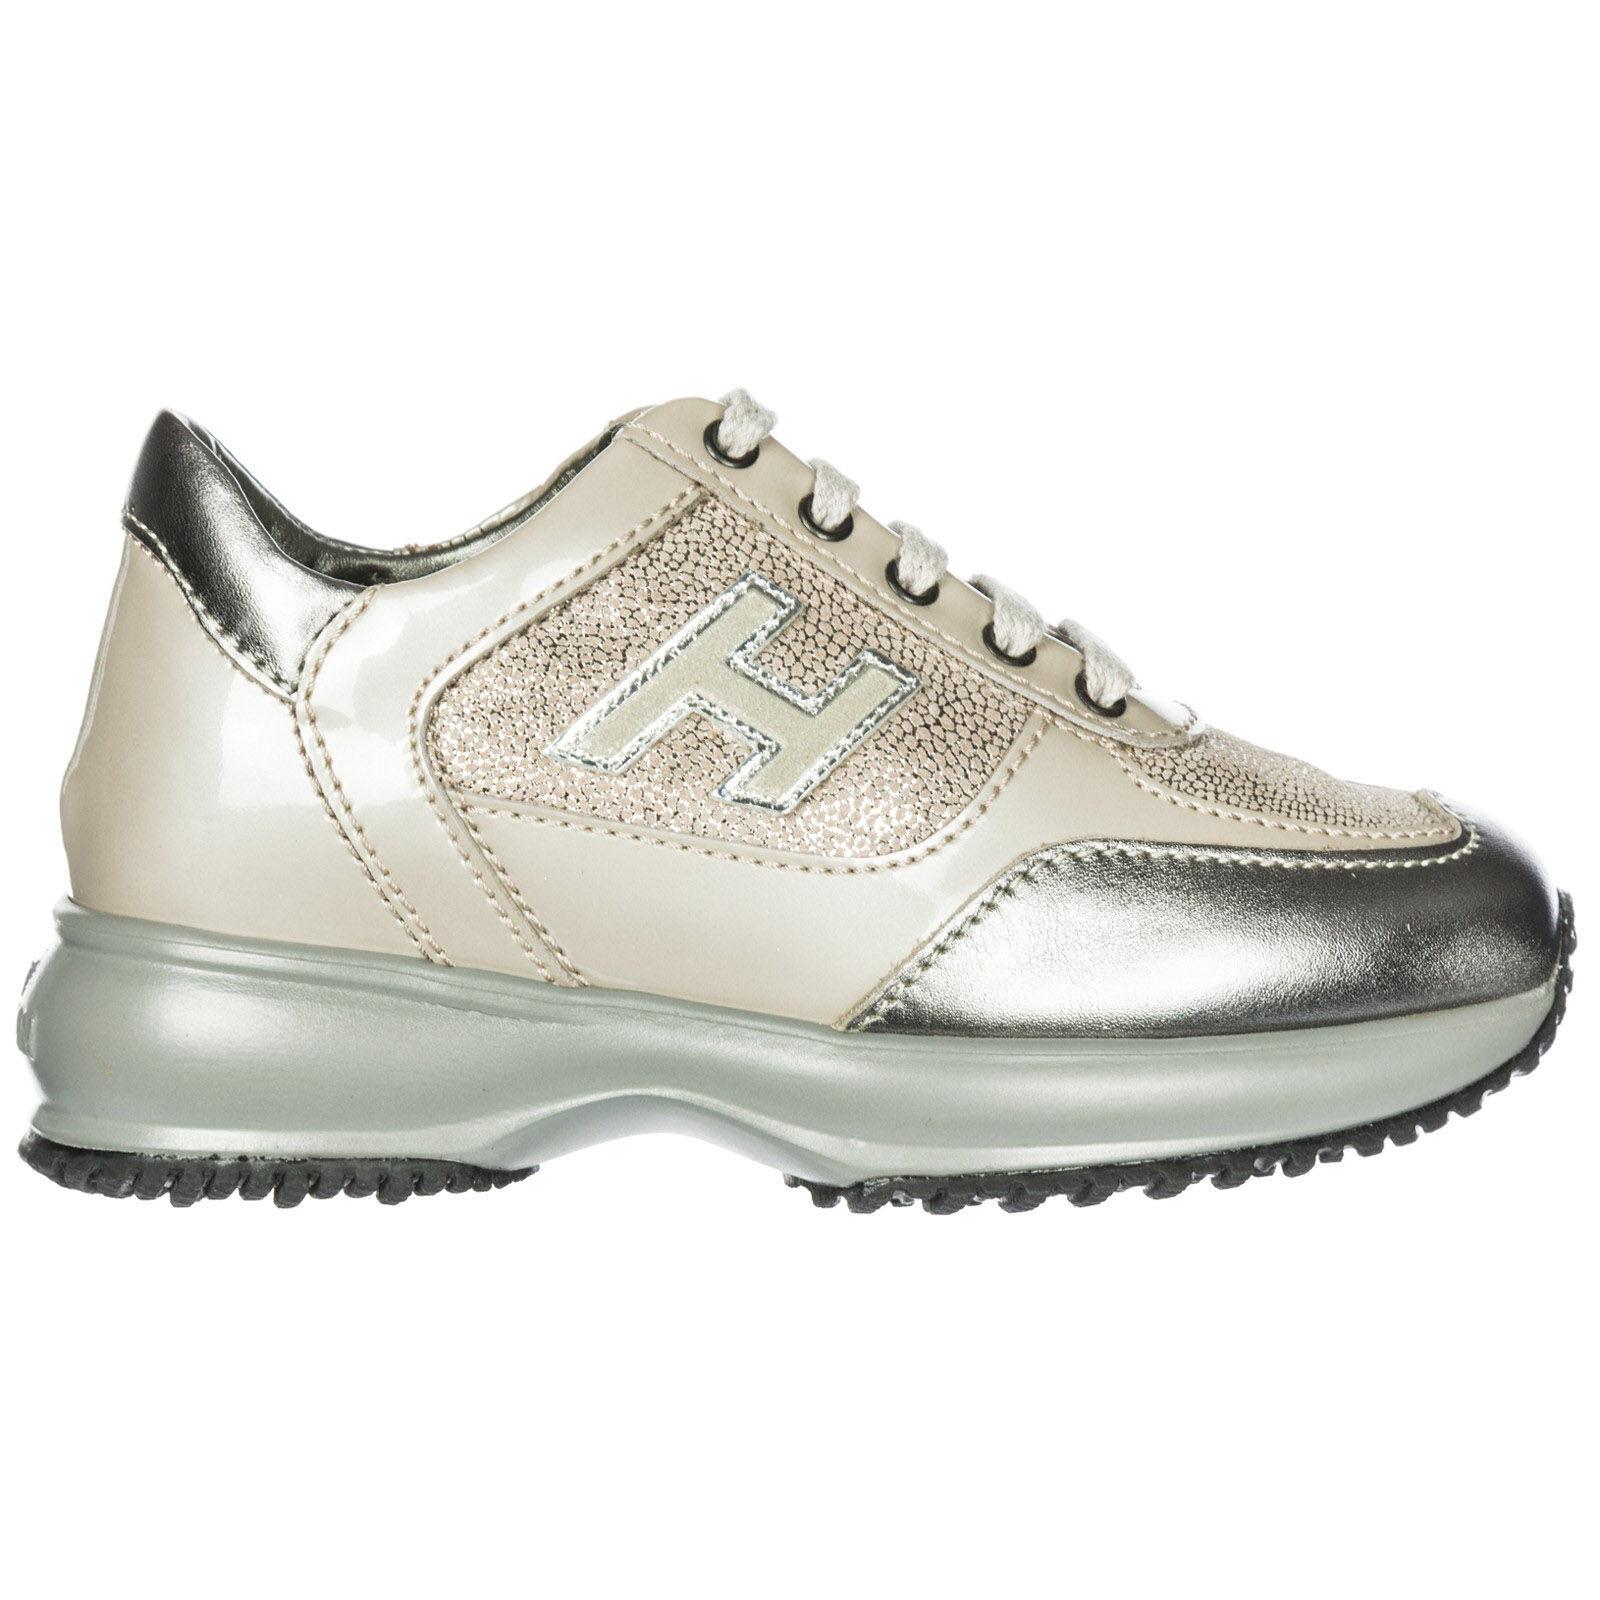 Hogan Scarpe sneakers bambina pelle interactive